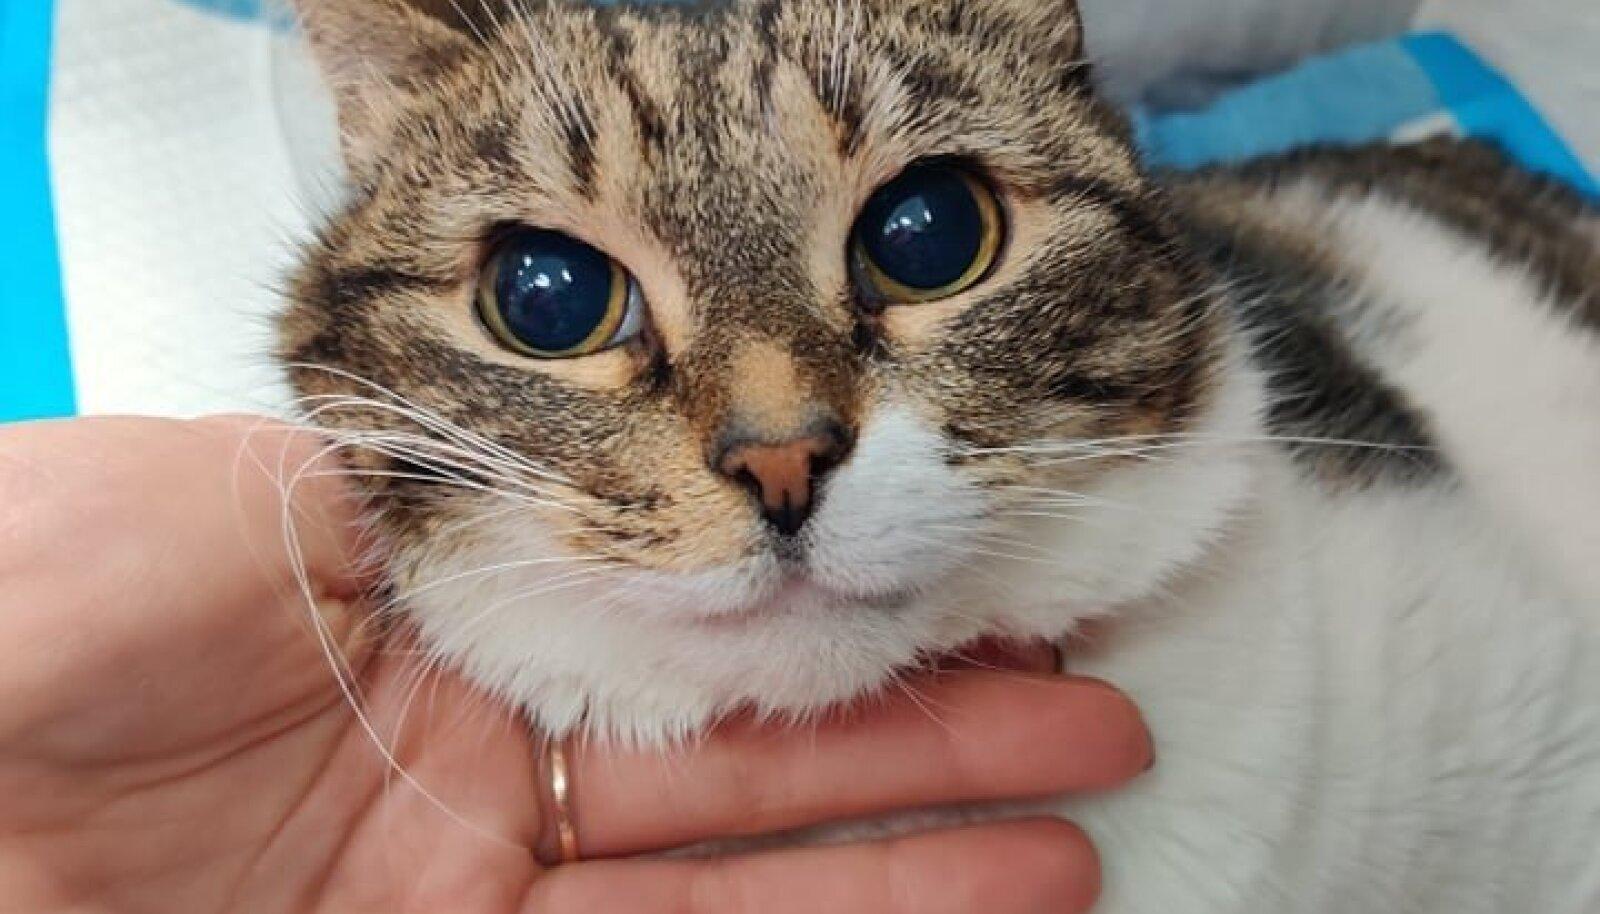 Aknast alla visatud kass